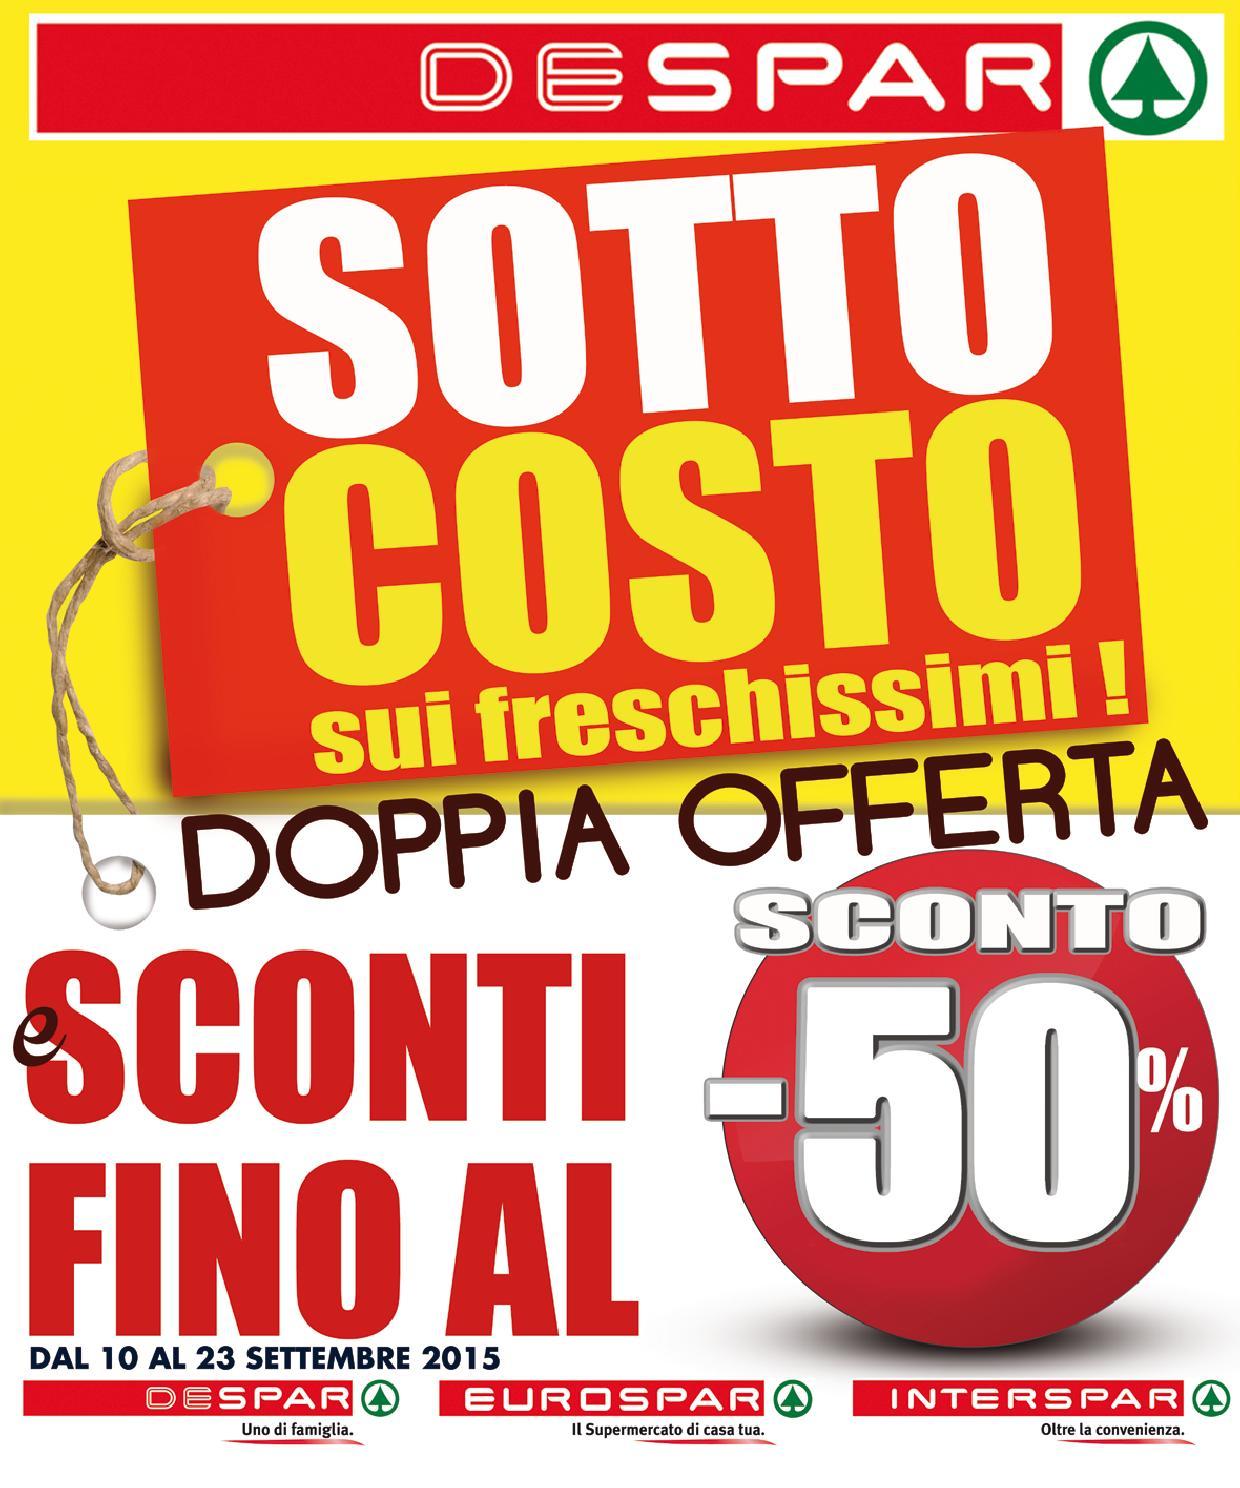 Volantino despar 10 23 settembre 2015 by despar messina for Volantino despar messina e provincia